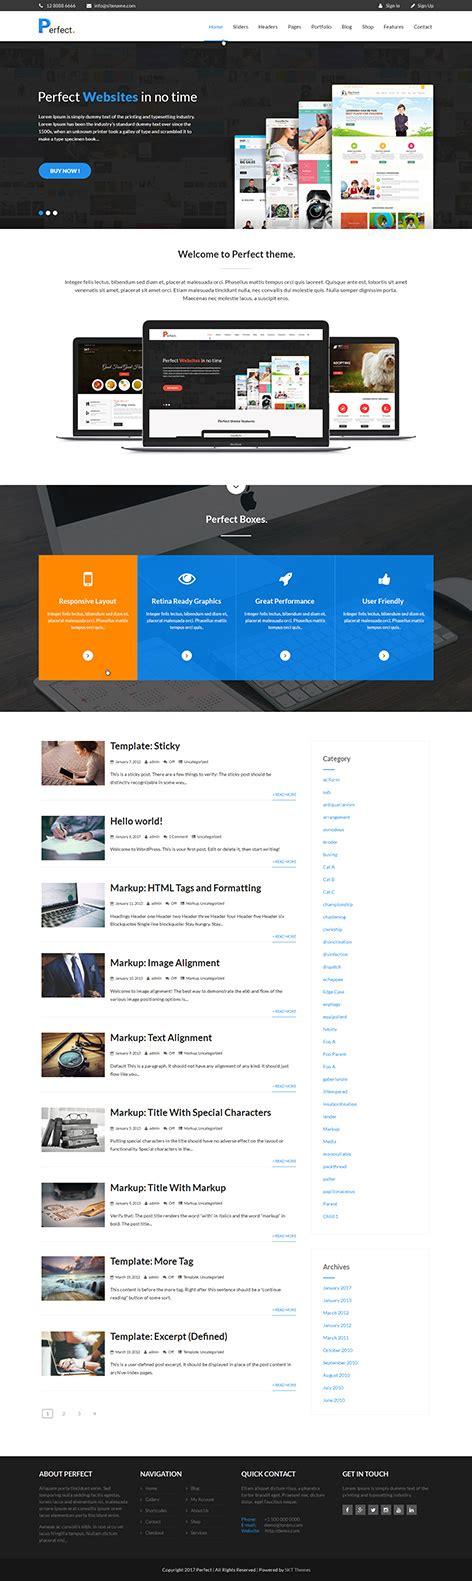 theme wordpress landing page free free landing page wordpress theme for landing pages